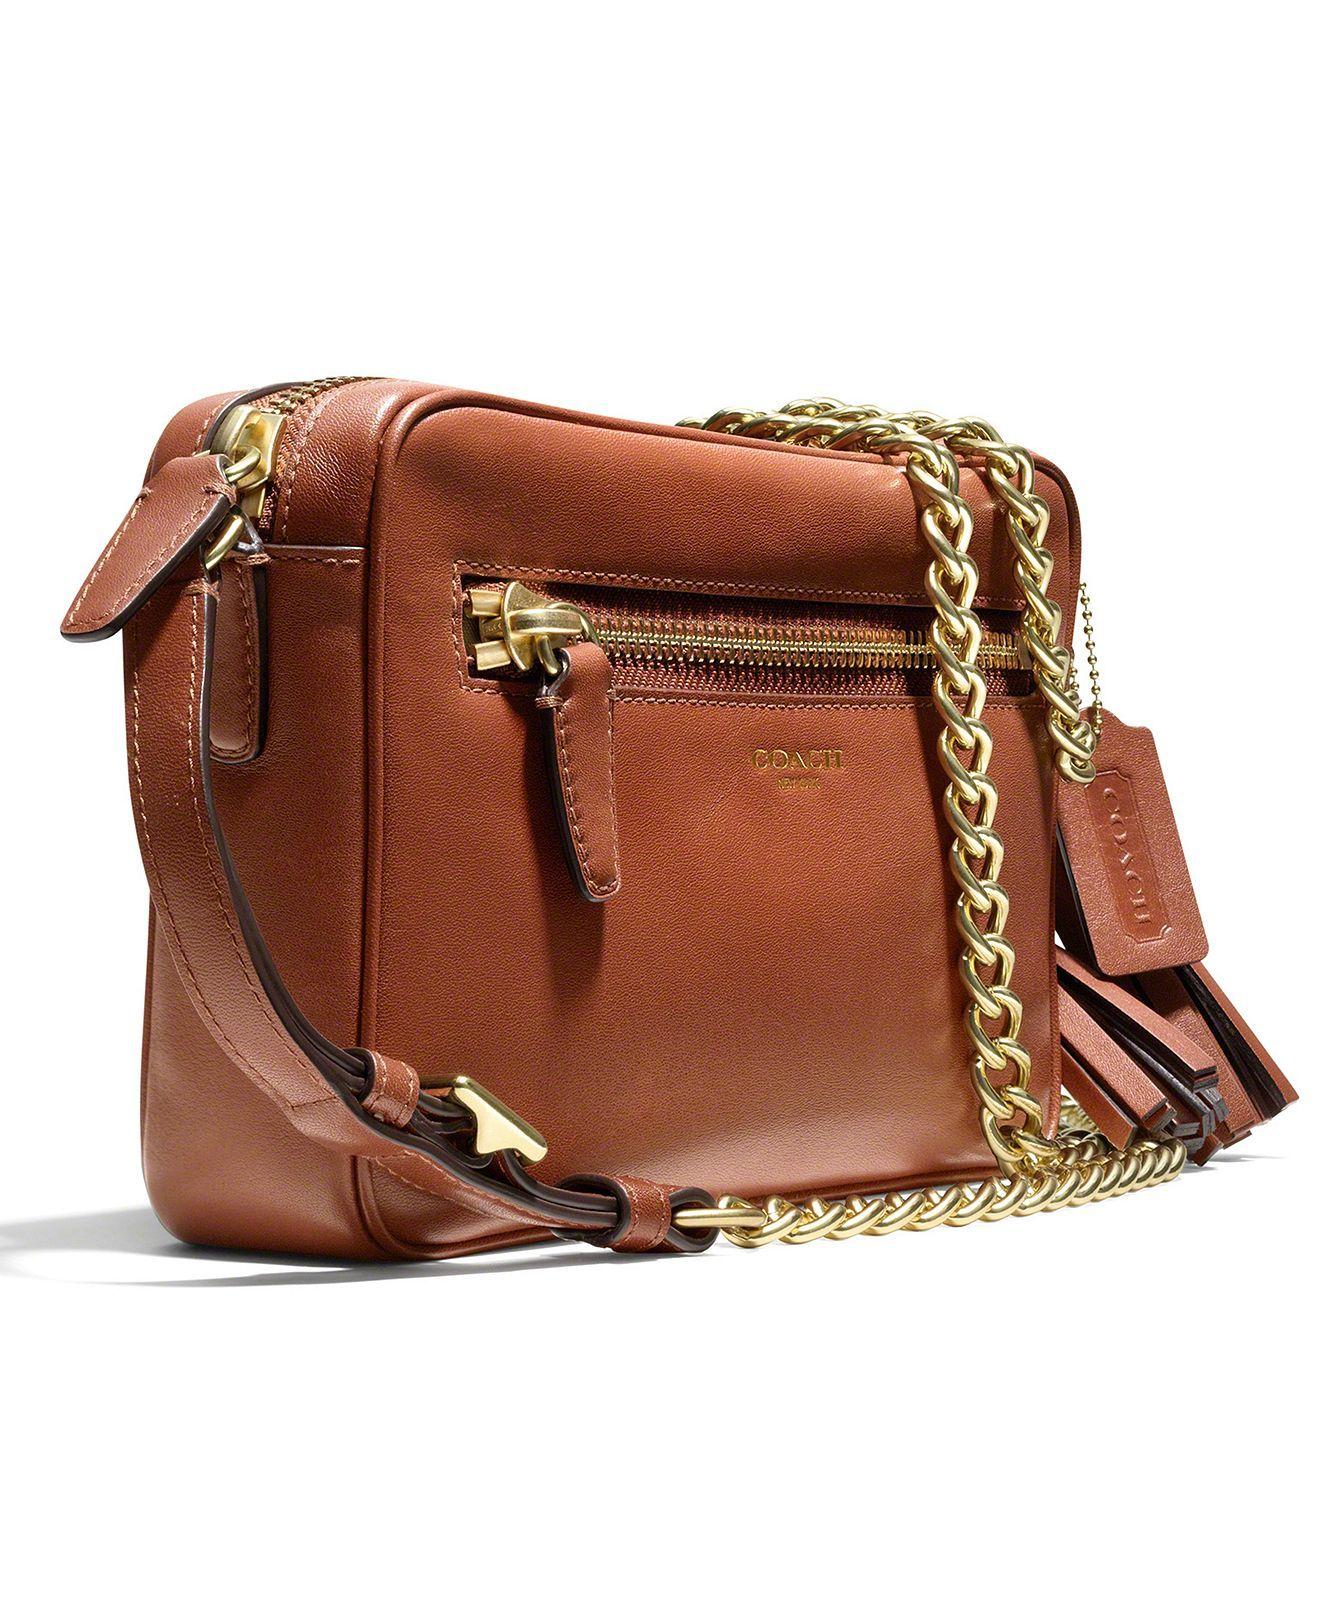 849b10fa7a Coach Legacy Flight Bag 2013 Macys. Wonder if strap is detachable ...